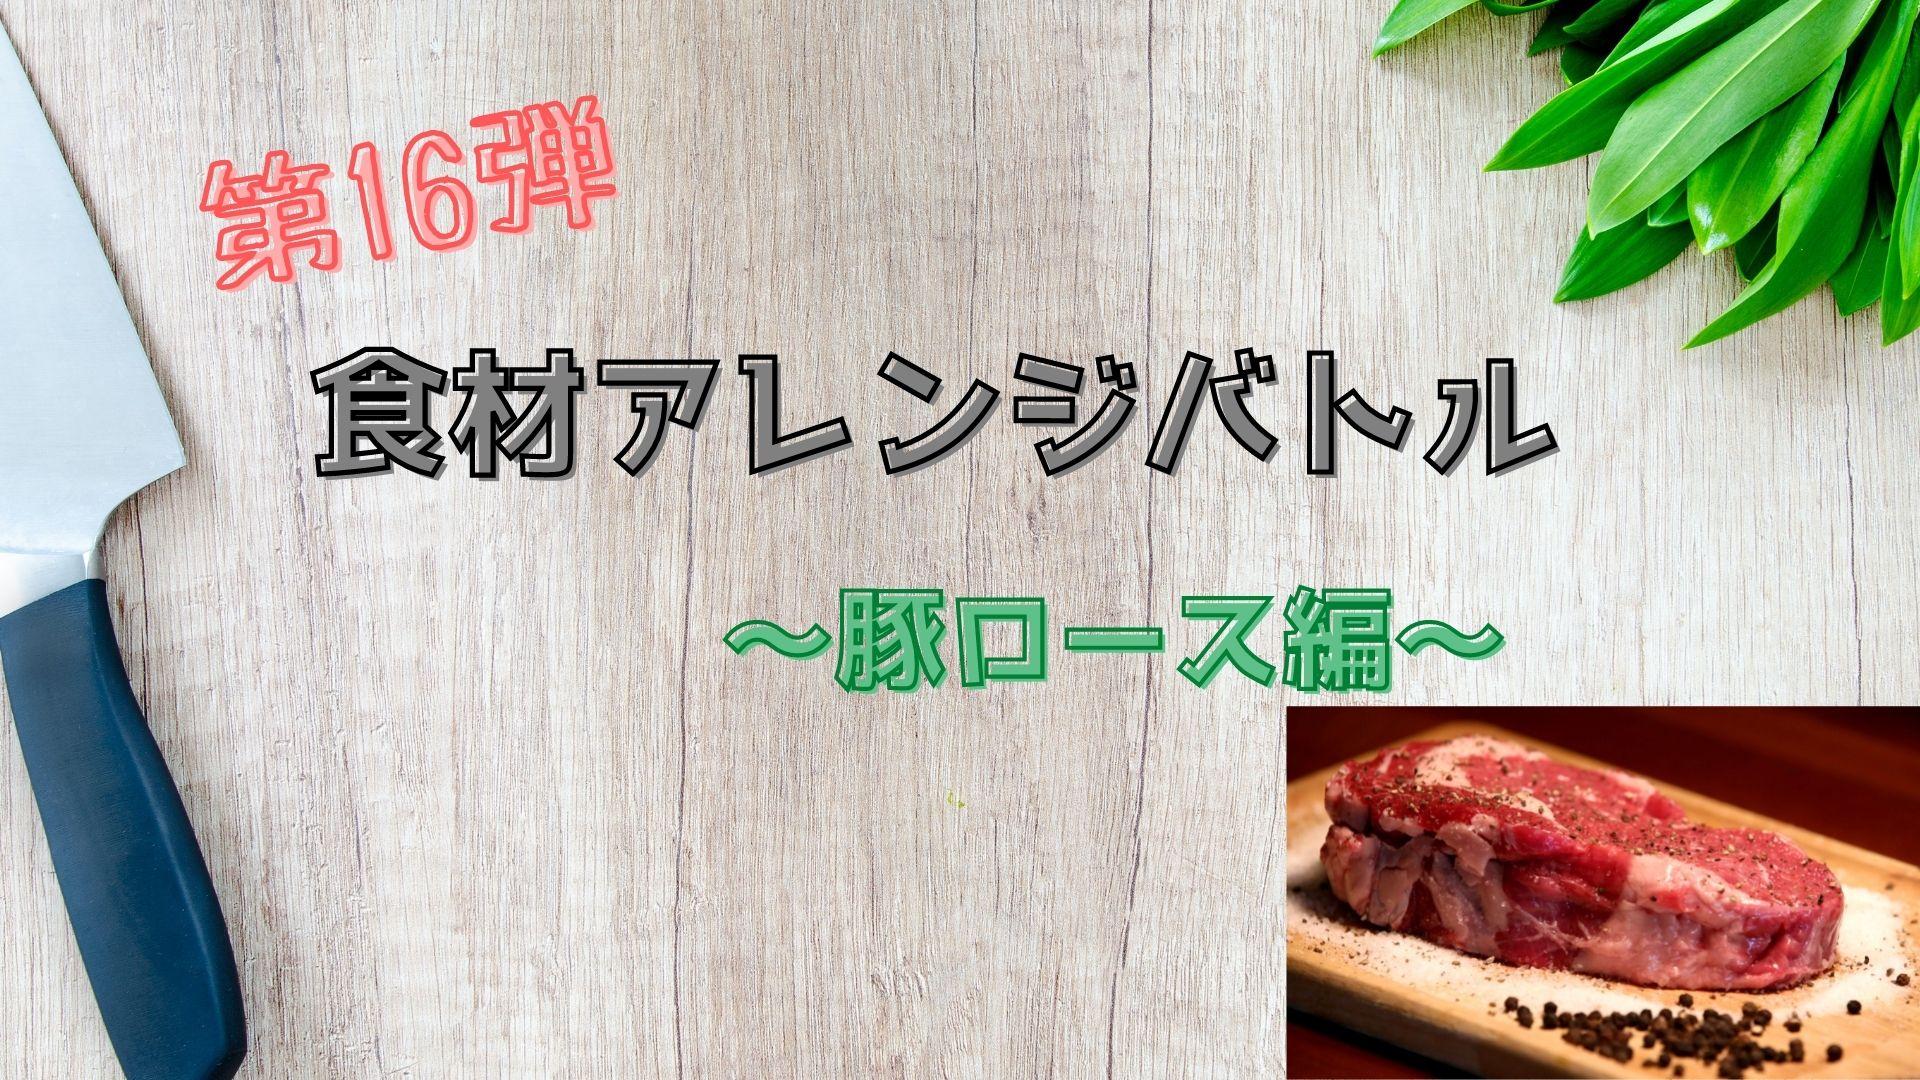 食材アレンジバトル 豚ロースアイキャッチ